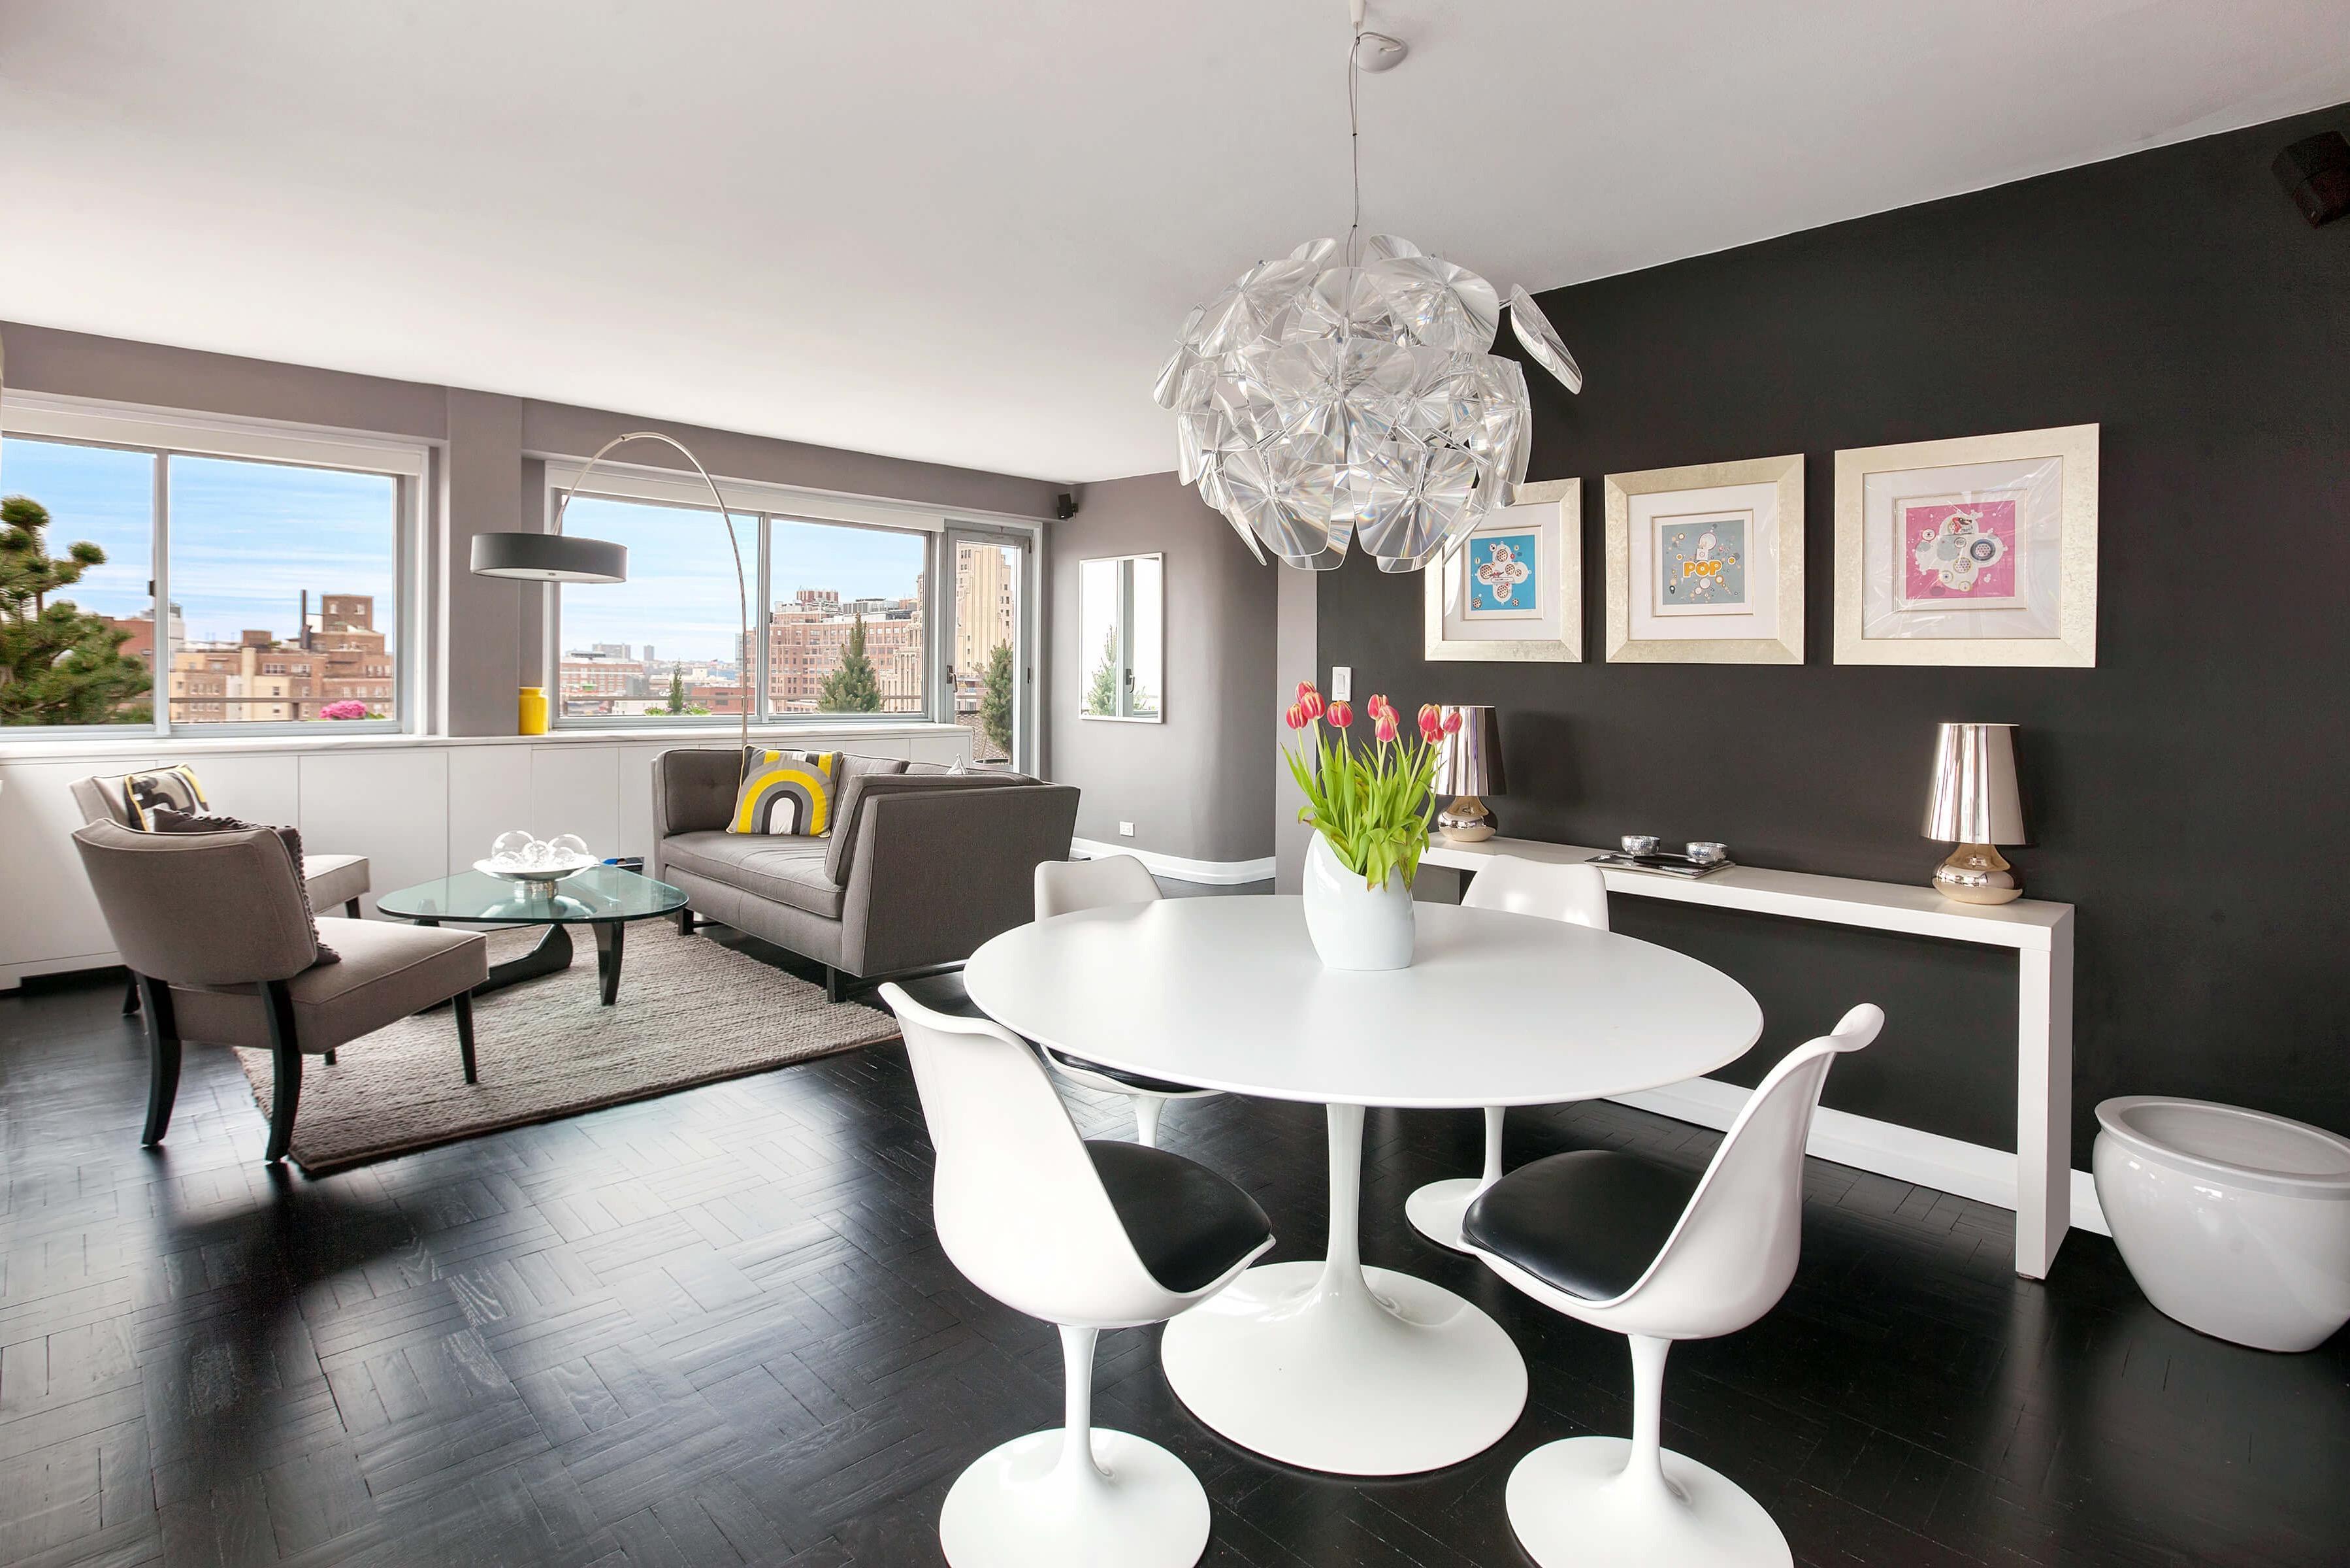 Meier Real Estate At 469 7th Avenue 7th Floor Ny Ny New